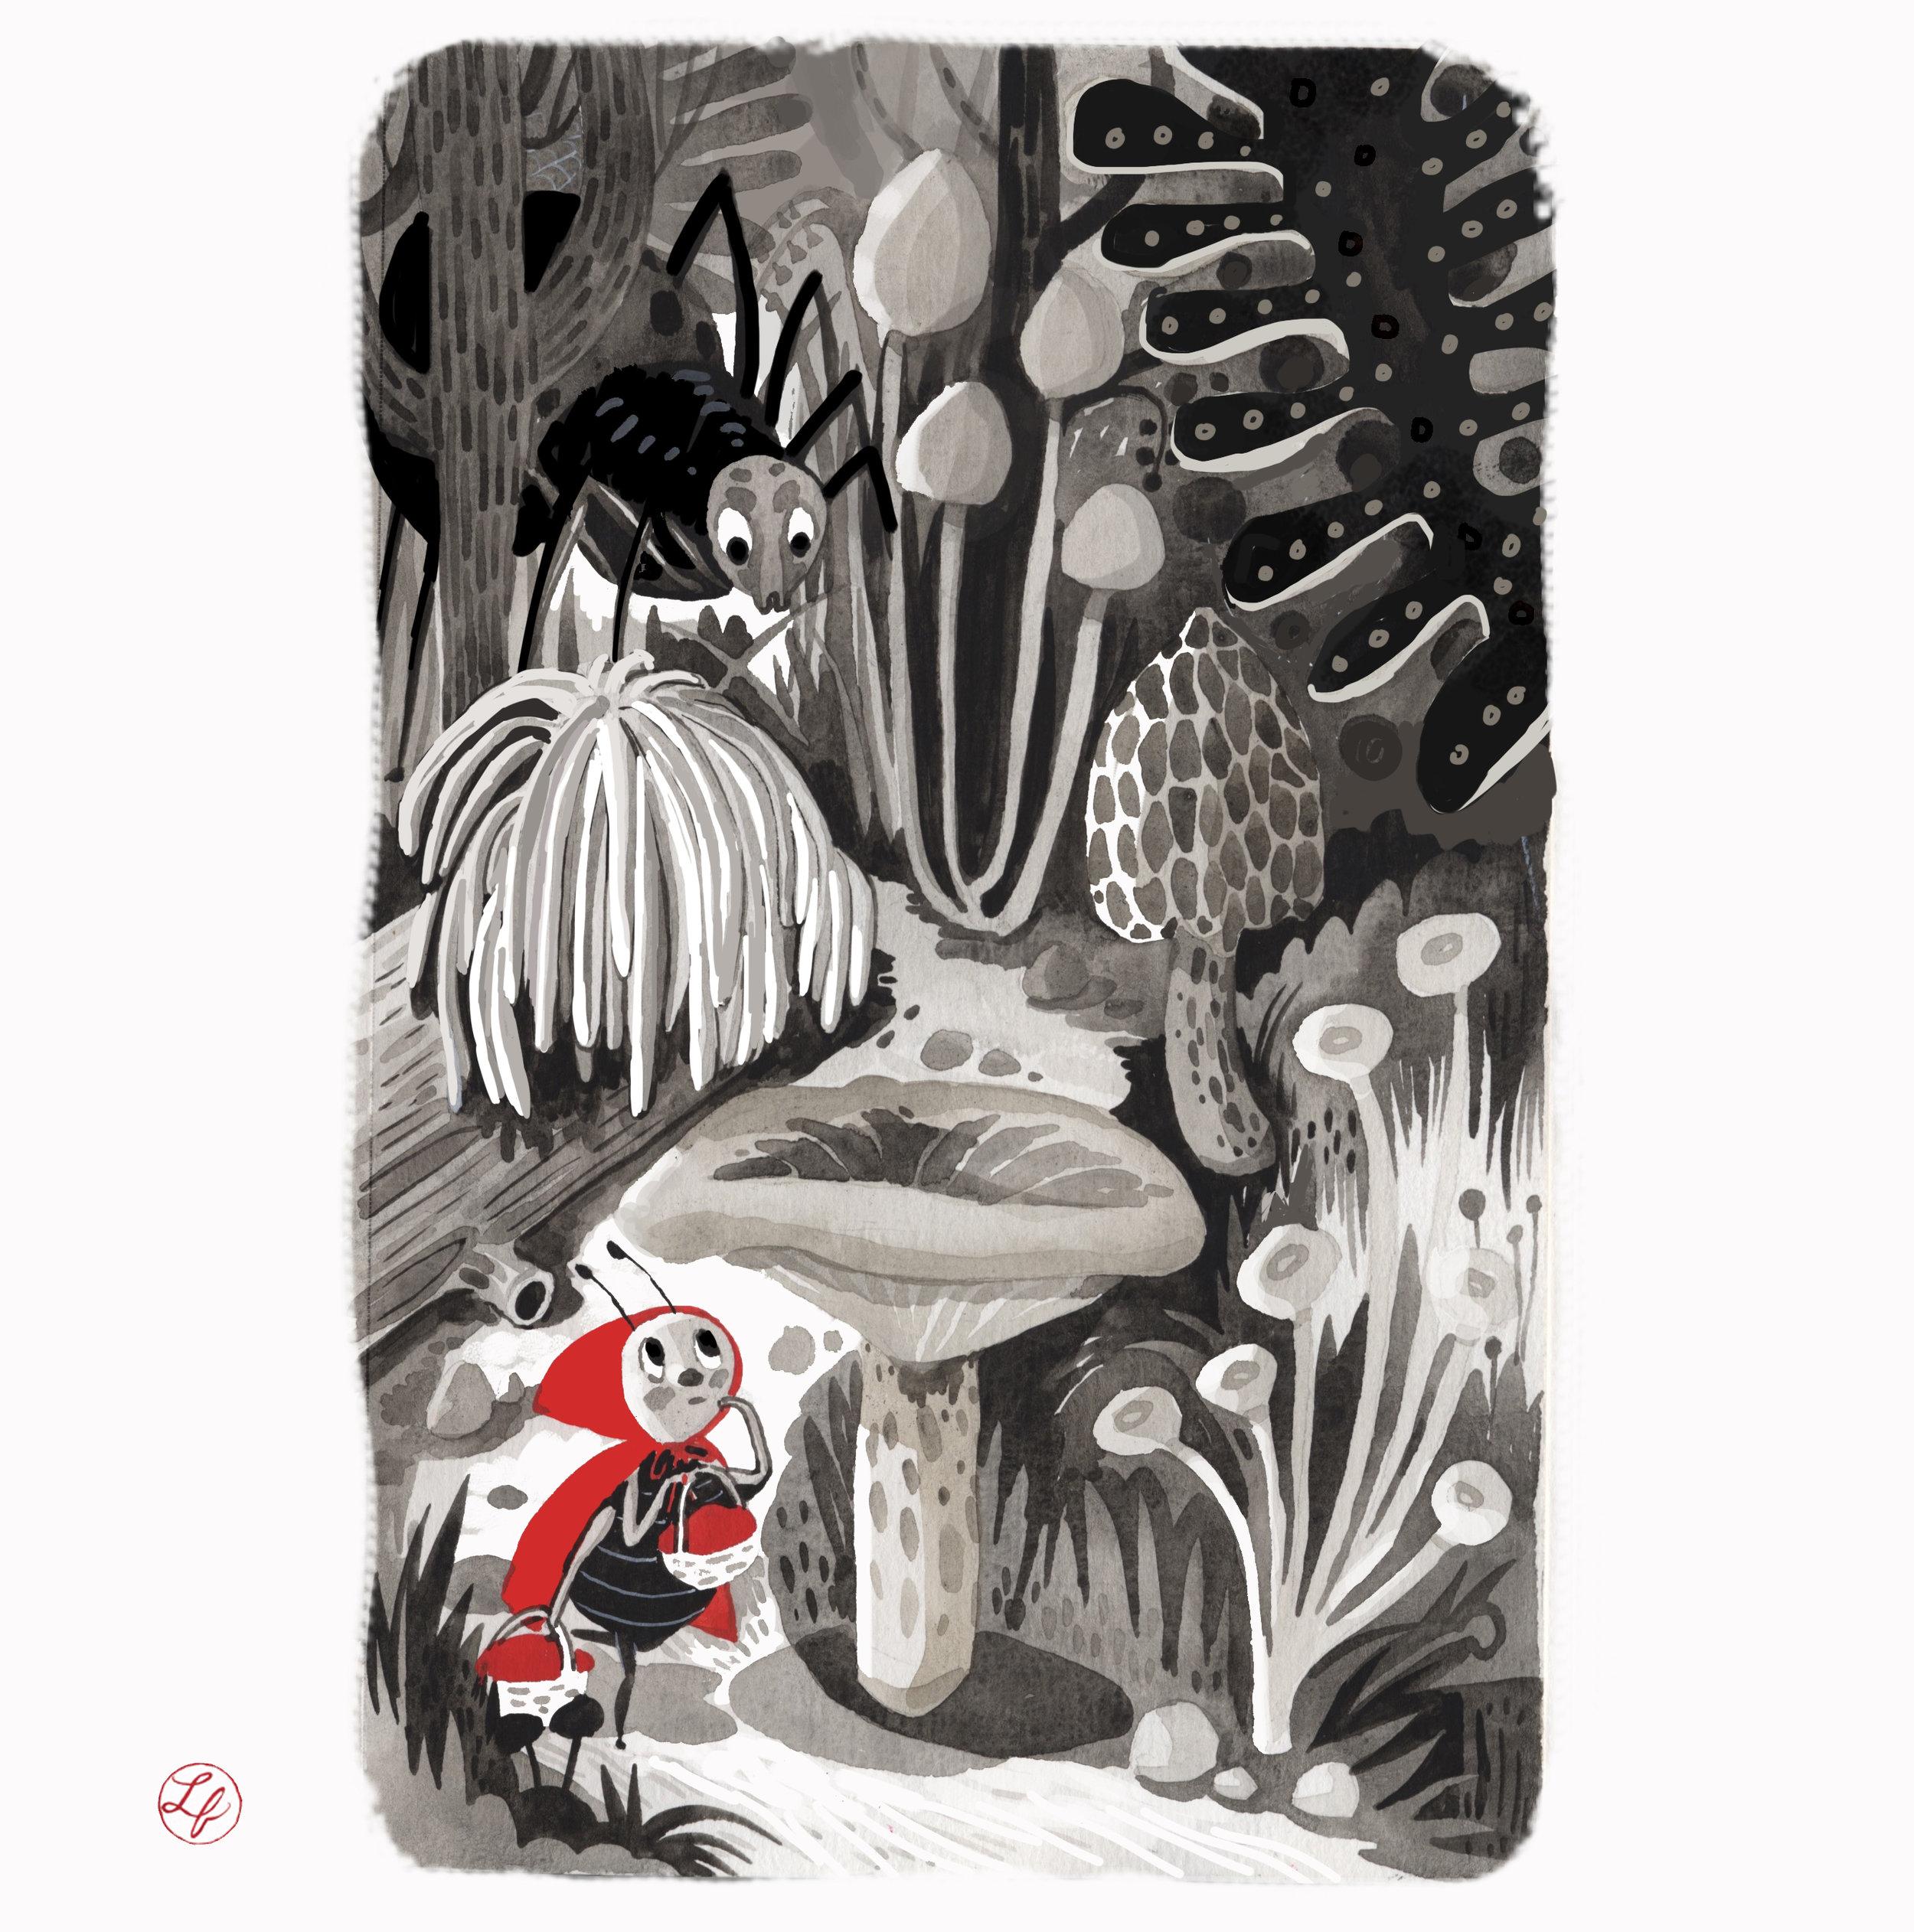 Mushroom Alley